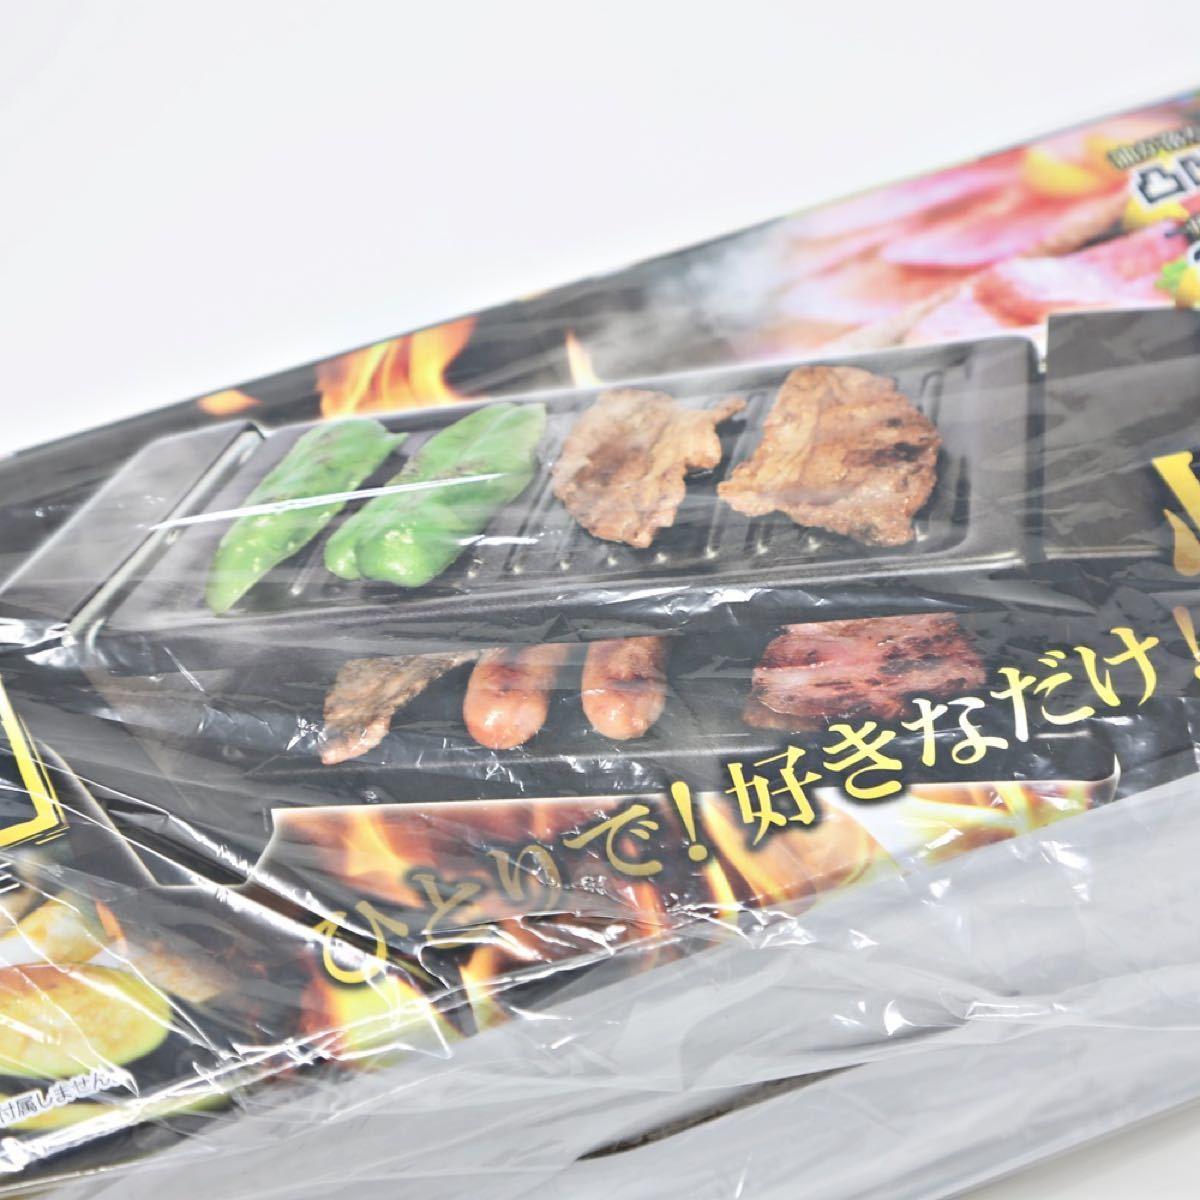 ★即決!!新品★卓上焼肉プレート クッキングマルチプレート ホットプレート BBQ 焼肉 卓上 プレート グリル 一人焼肉★